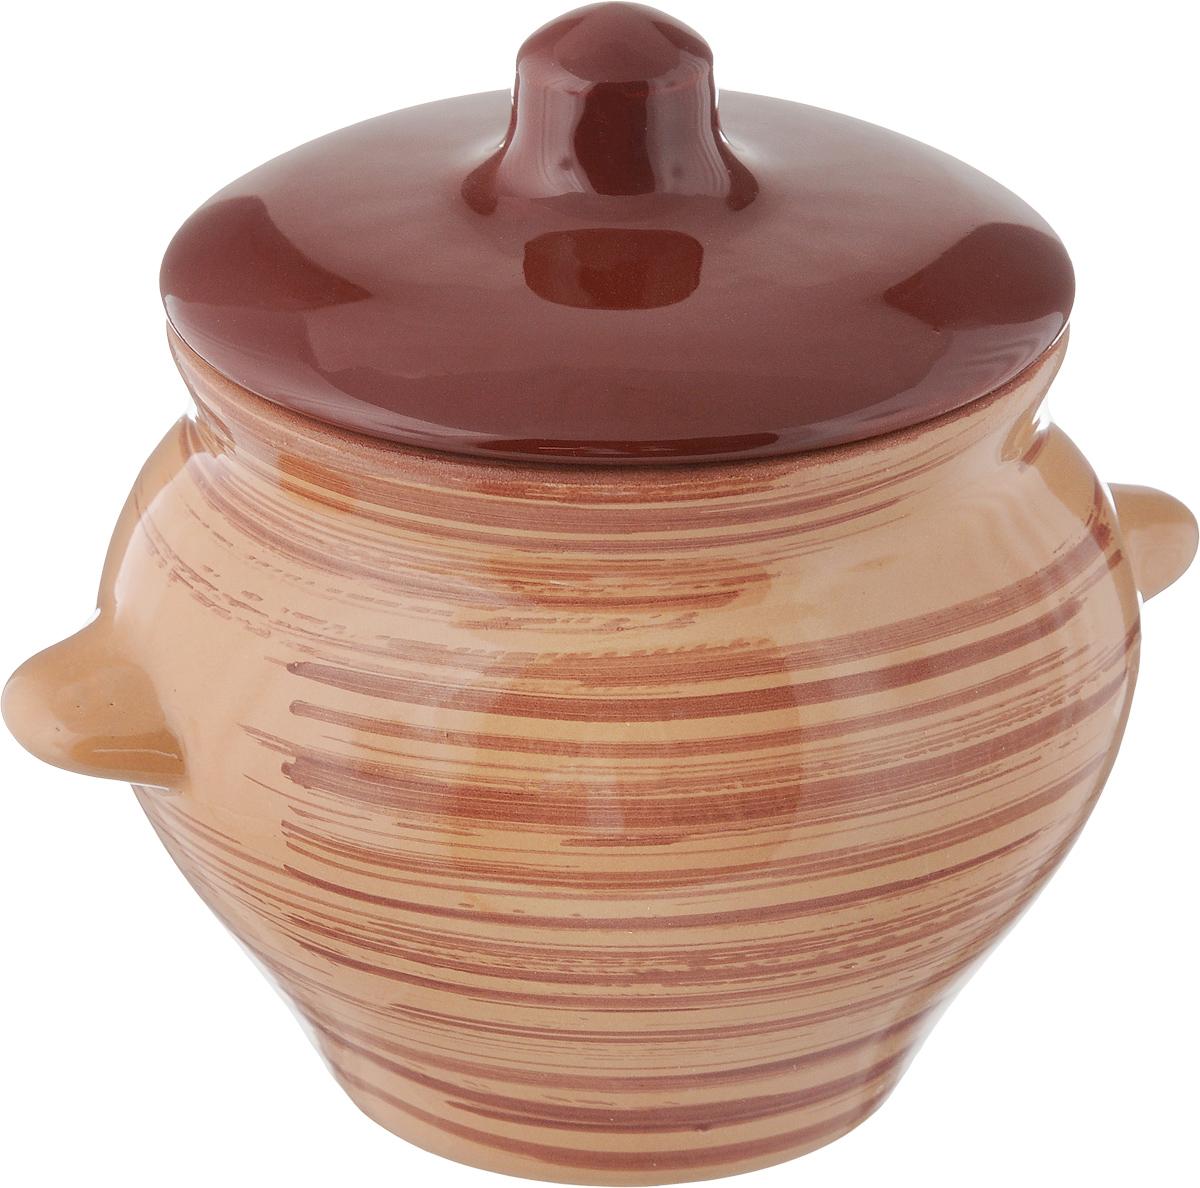 Горшок для жаркого Борисовская керамика Cтандарт. Полосы, 500 млGR3056_зеленыйГоршок для жаркого Борисовская керамика Cтандарт выполнен из высококачественной глазурованной керамики и декорирован пполосками. Керамика абсолютно безопасна, поэтому изделие придется по вкусу любителям здоровой и полезной пищи.Горшок для запекания с крышкой очень вместителен и имеет удобную форму. Идеально подходит для одной порции. Уникальные свойства красной глины и толстые стенки изделия обеспечивают эффект русской печи при приготовлении блюд. Это значит, что еда будет очень вкусной, сочной и здоровой. Посуда жаропрочная. Можно использовать в духовке и микроволновой печи. Диаметр горшочка (по верхнему краю): 9,5 см.Высота (без учета крышки): 9 см.